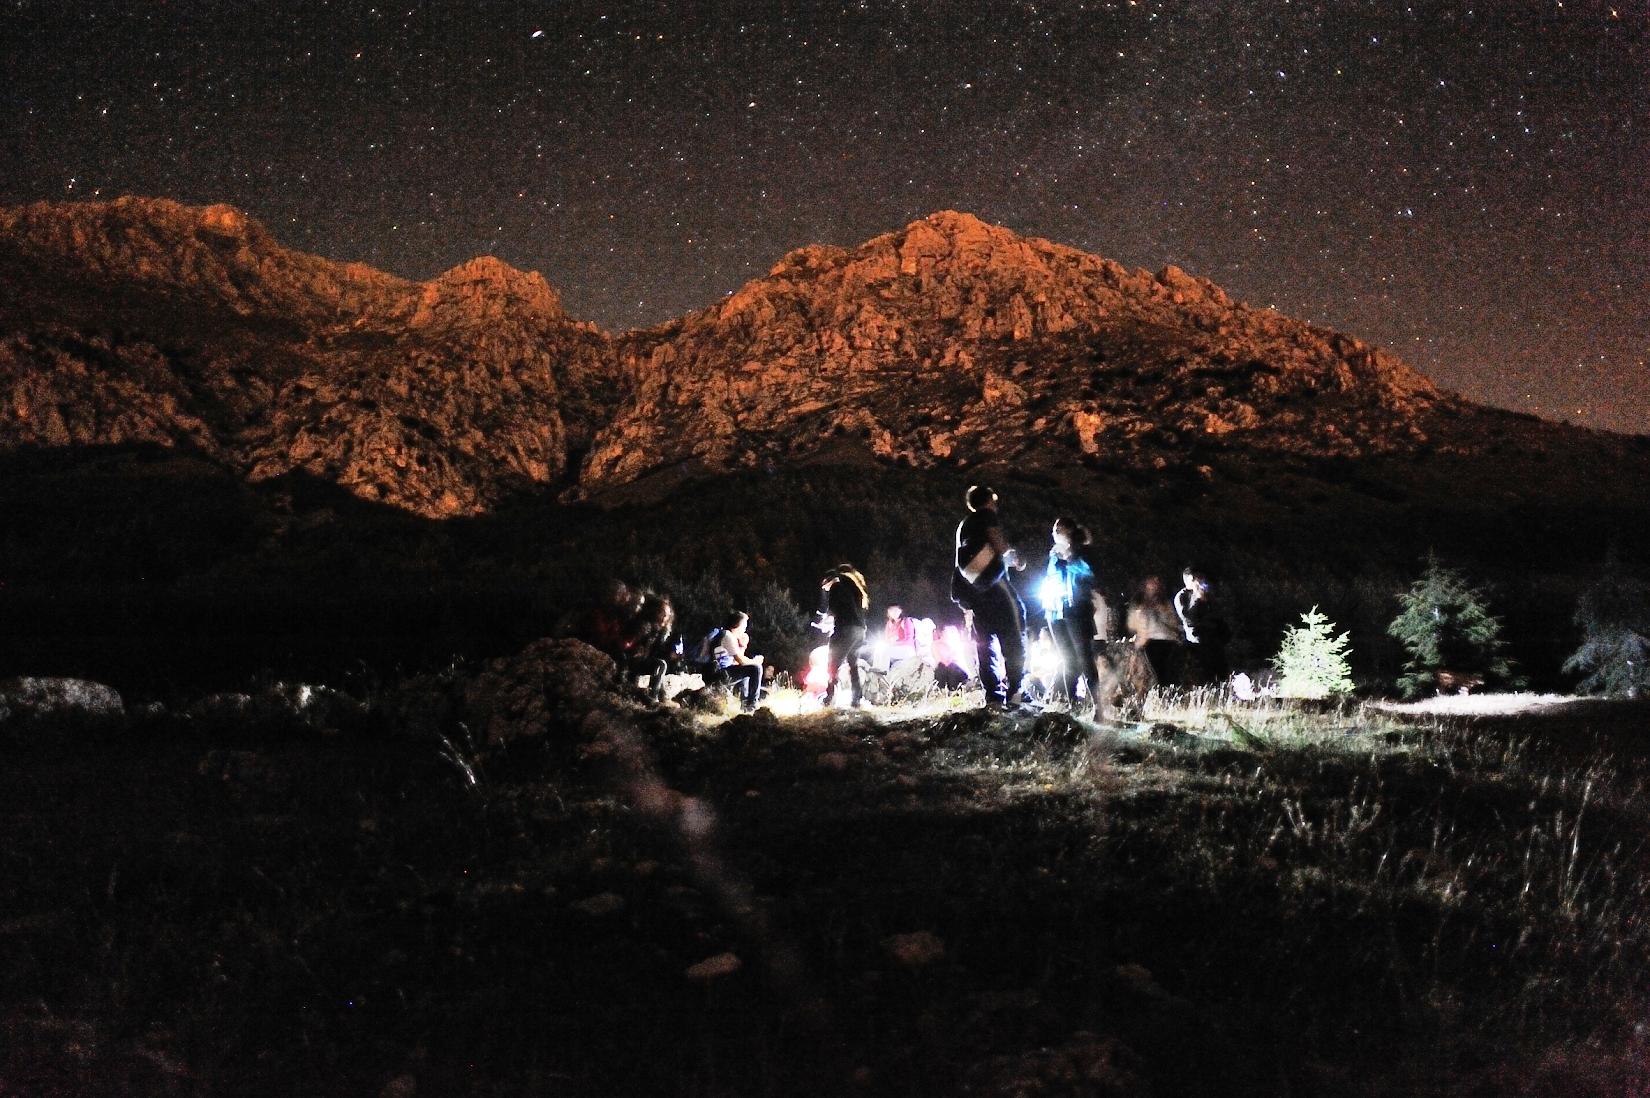 Escursione astronomica notturna guidata e cena in rifugio di montagna.